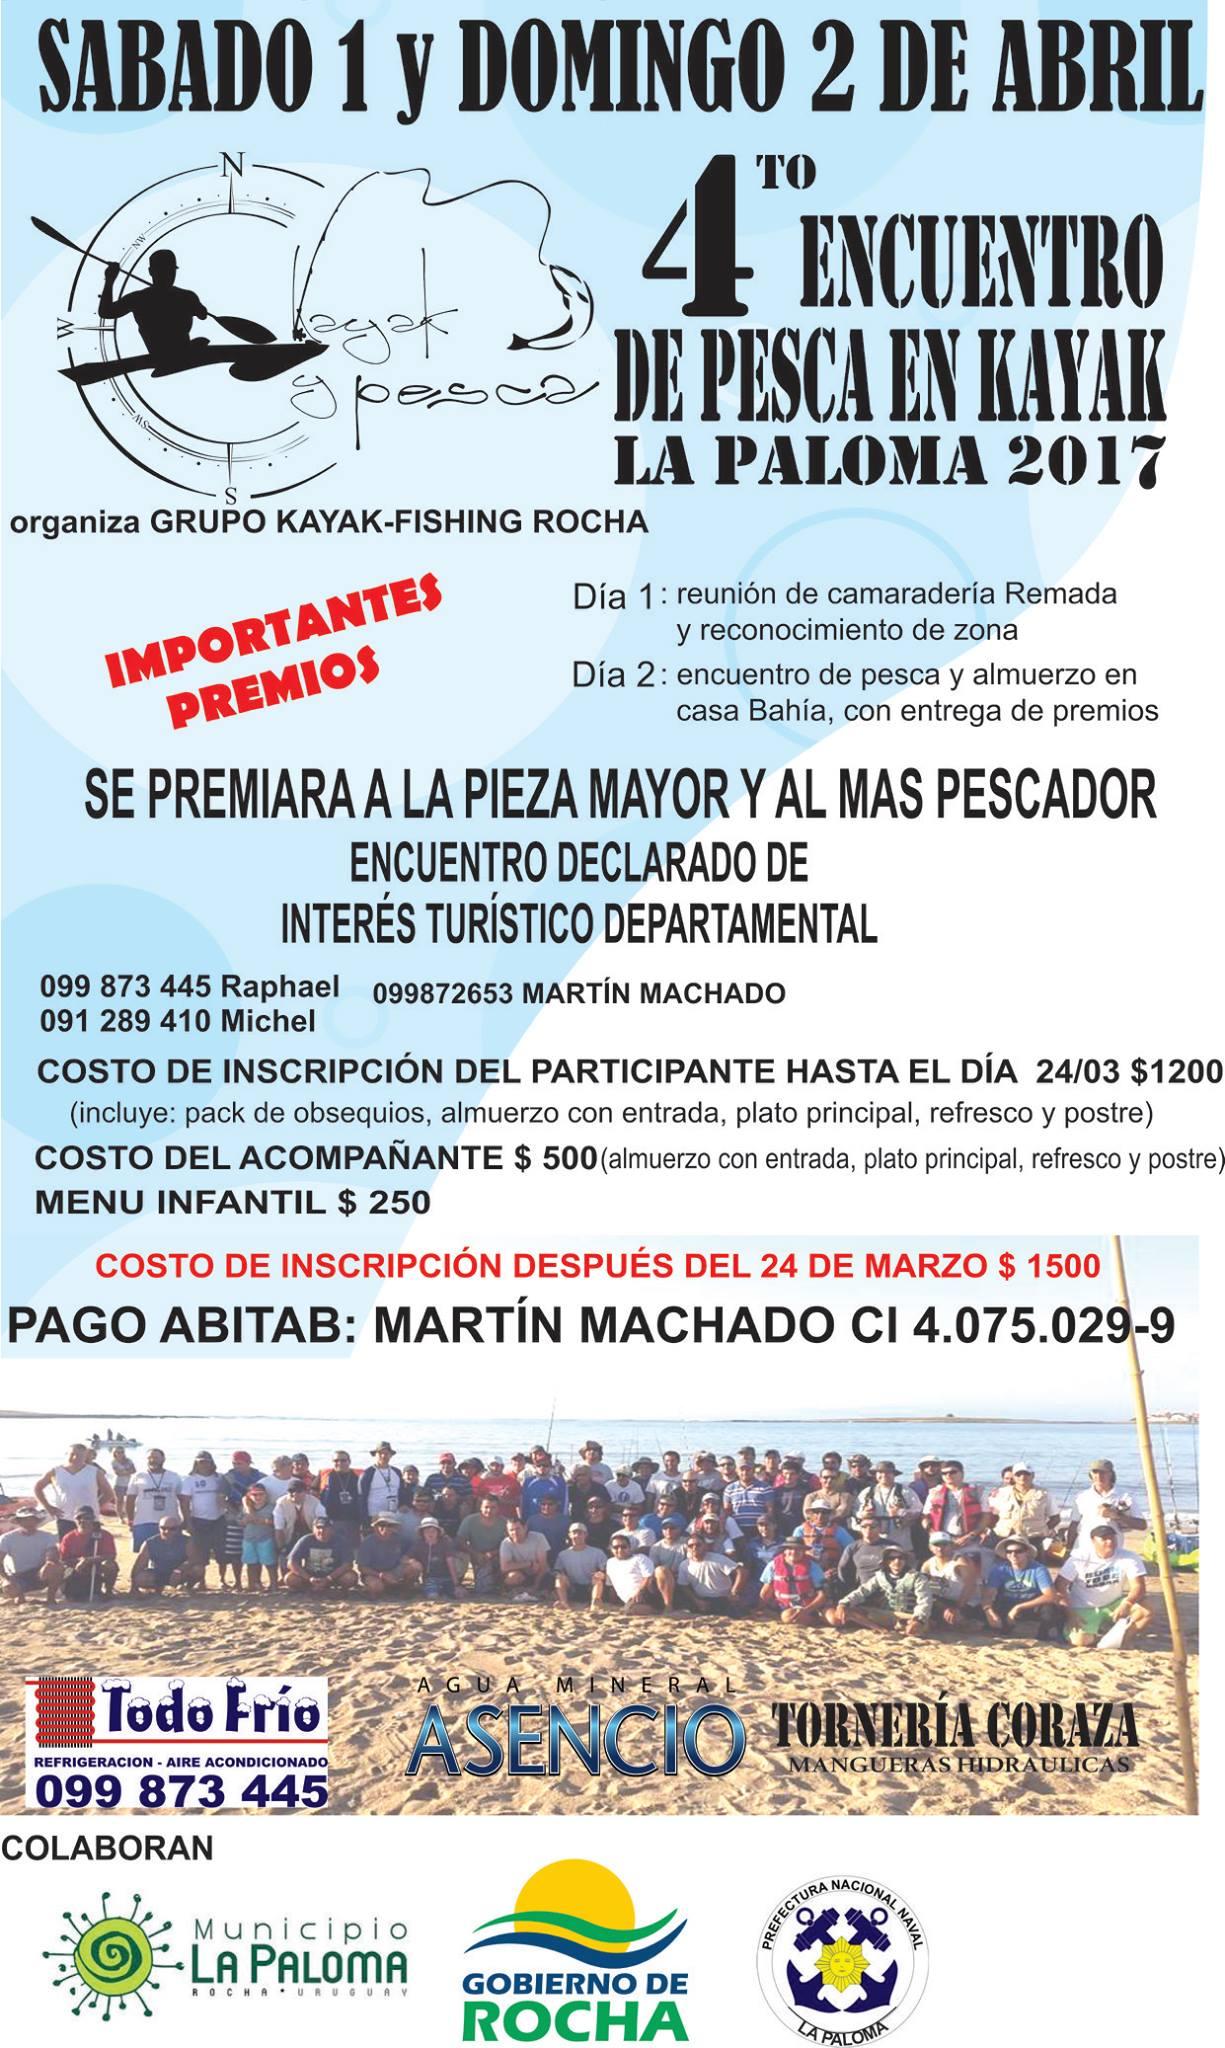 encuentro 2017 de pesca en kayak en La Paloma